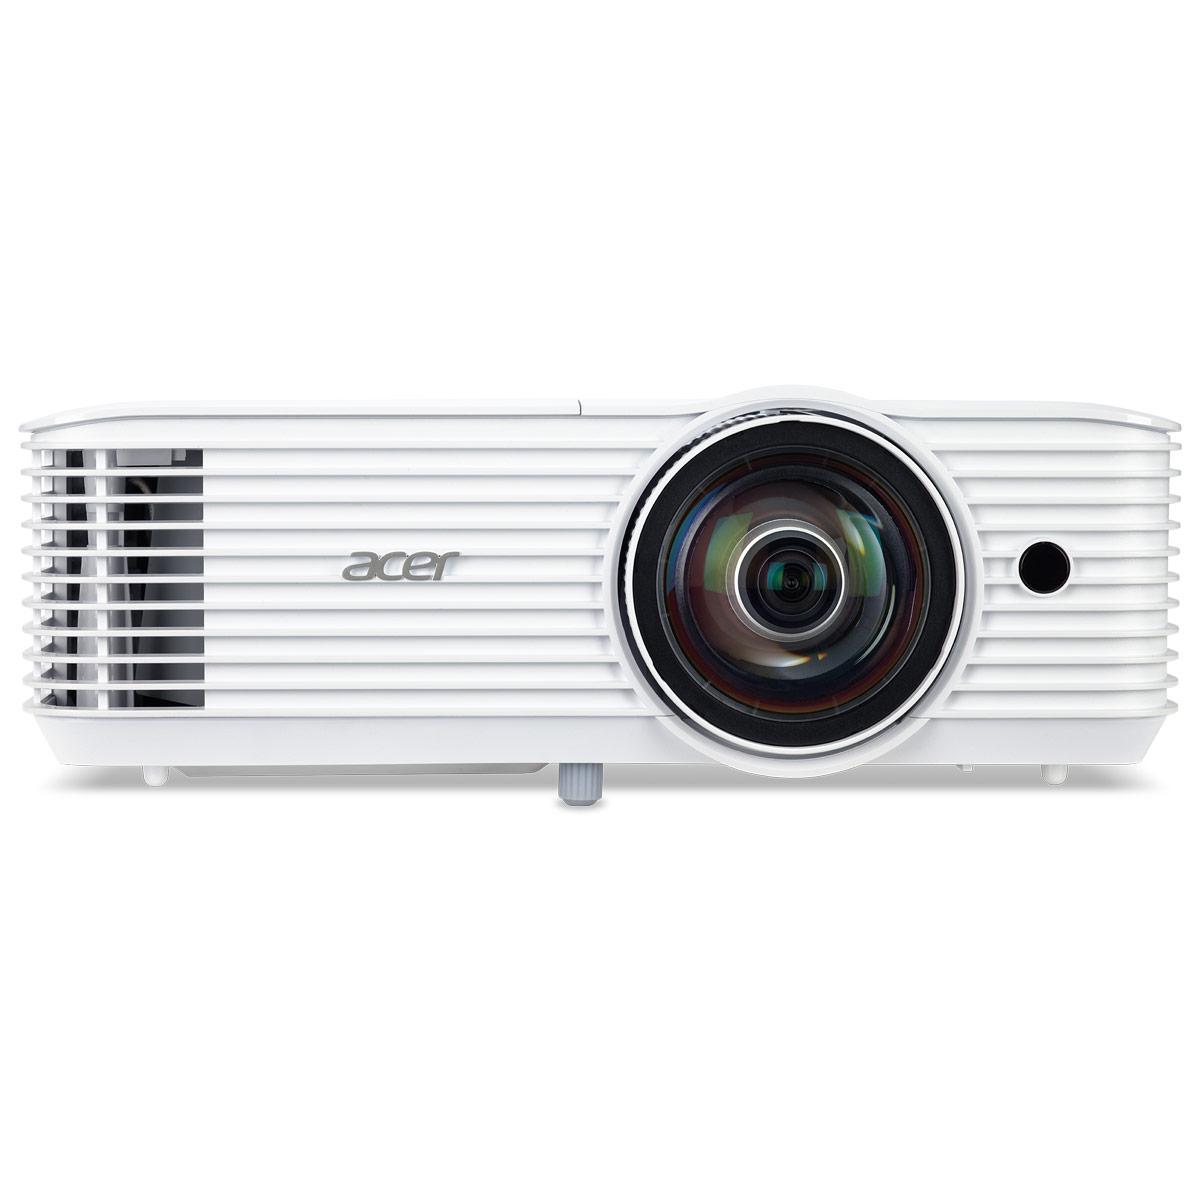 Vidéoprojecteur Acer S1386WHN Vidéoprojecteur DLP WXGA 3D 3600 Lumens - Focale courte - HDMI/MHL - Ethernet - Haut-parleur 16 Watts